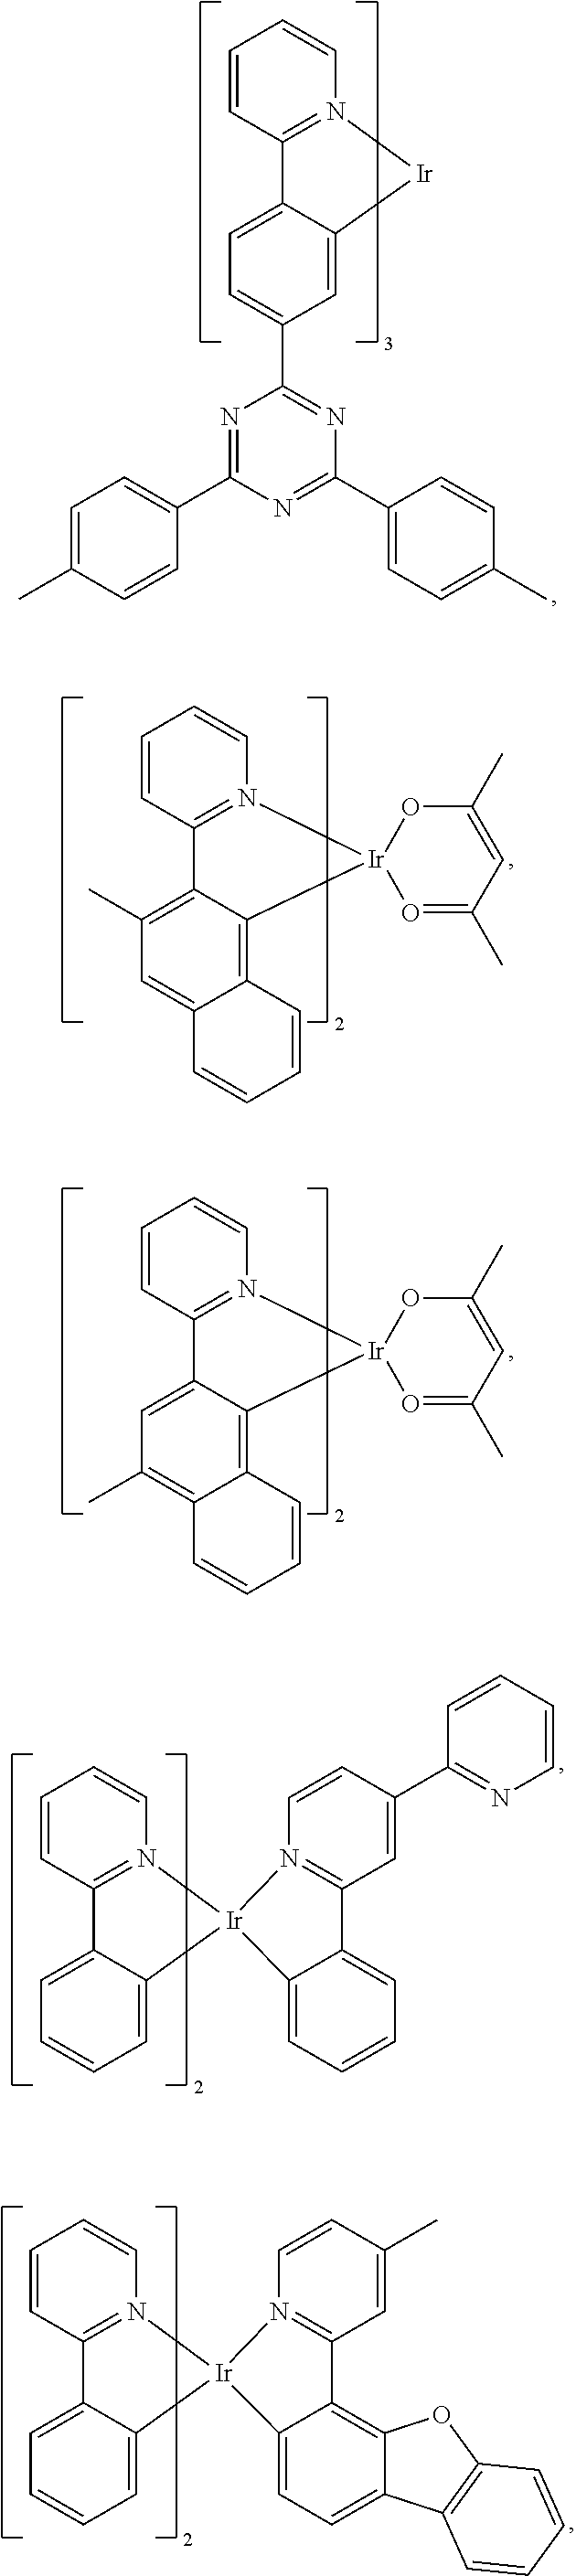 Figure US10033004-20180724-C00093